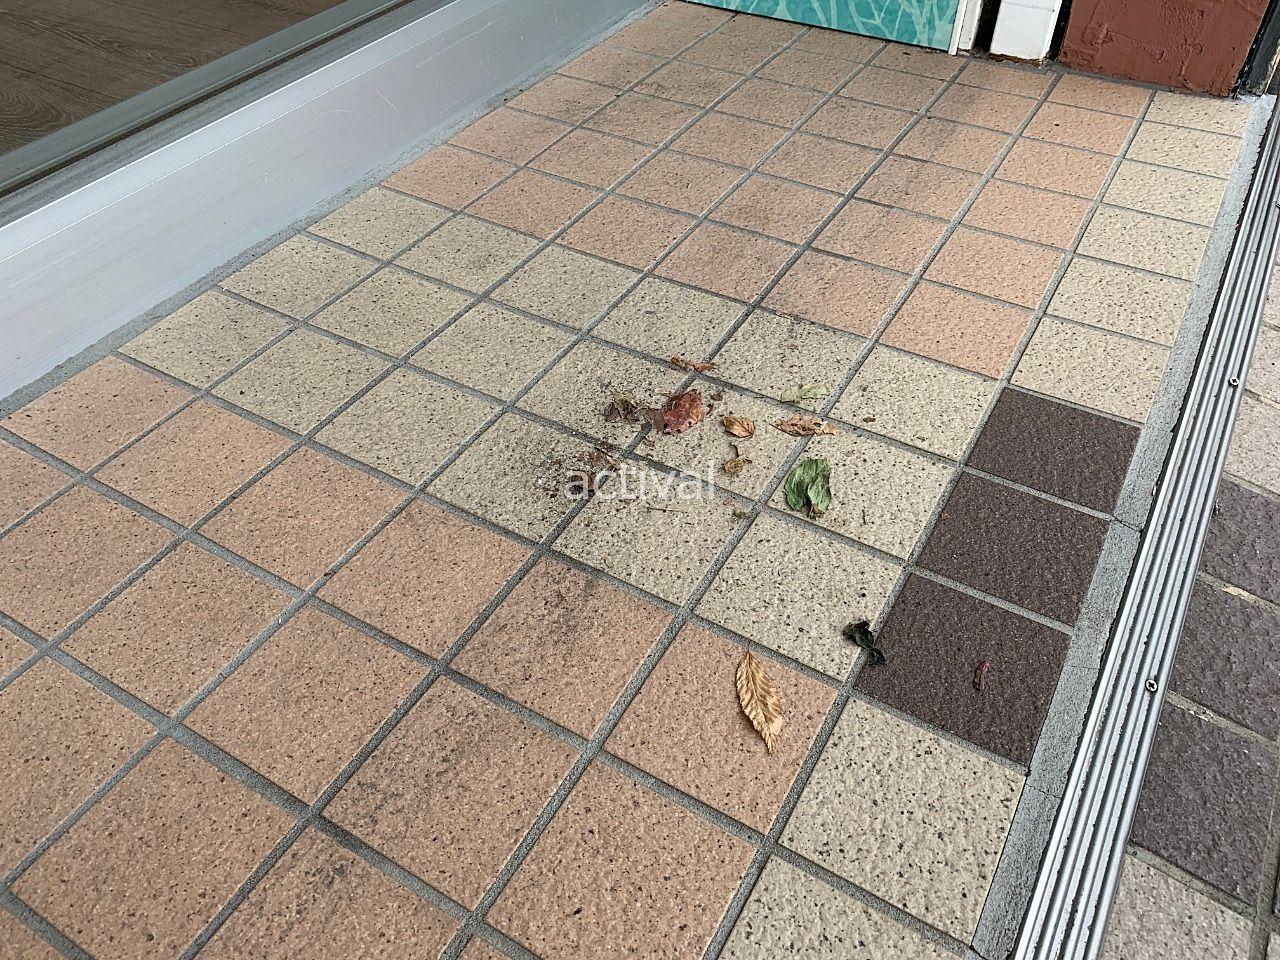 ア・ス・ヴェルデⅡ週貸し店舗の外にも落ち葉がありました。